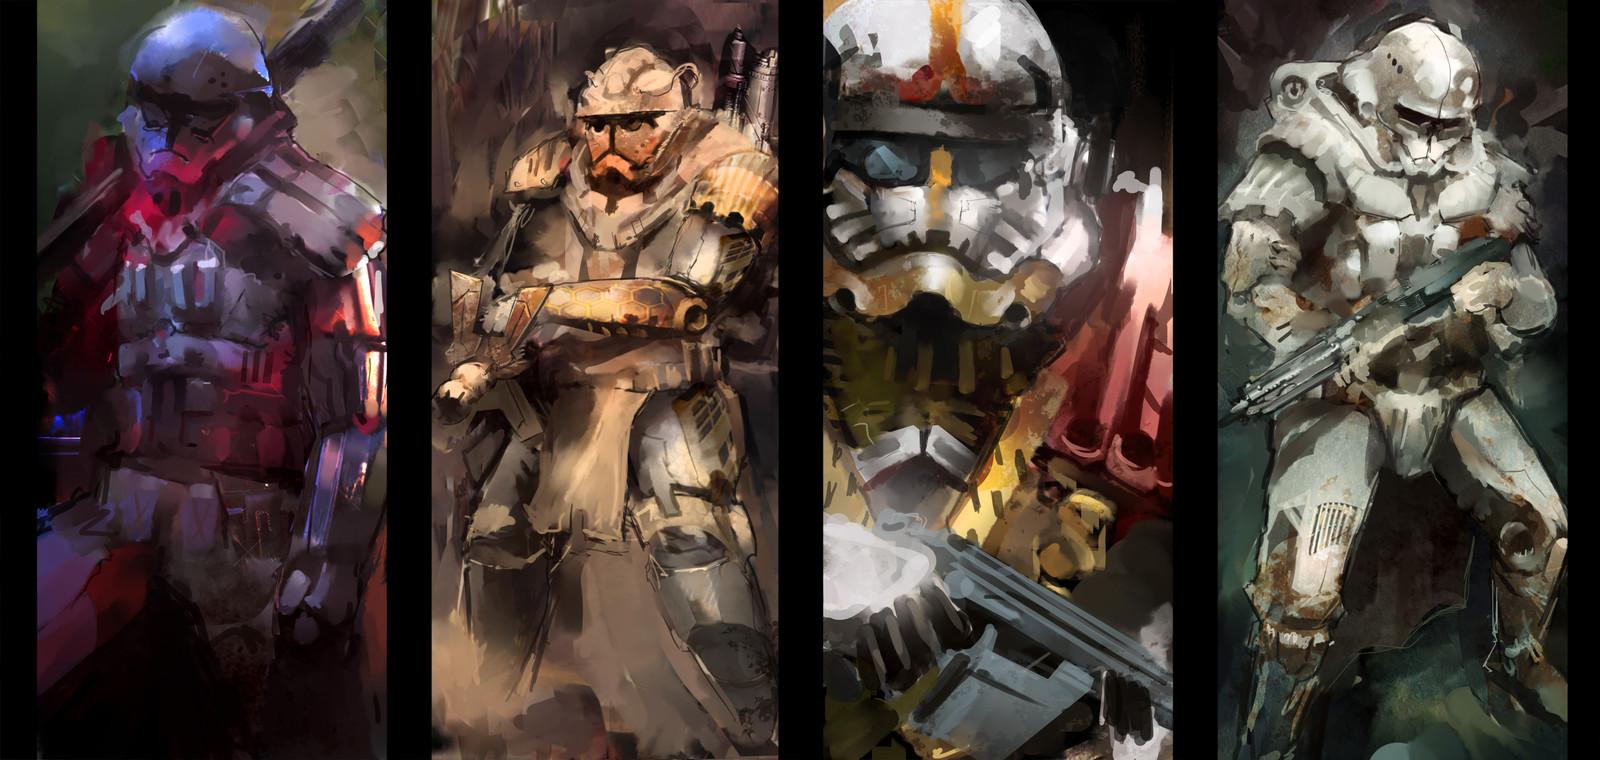 4 Stormtroopers